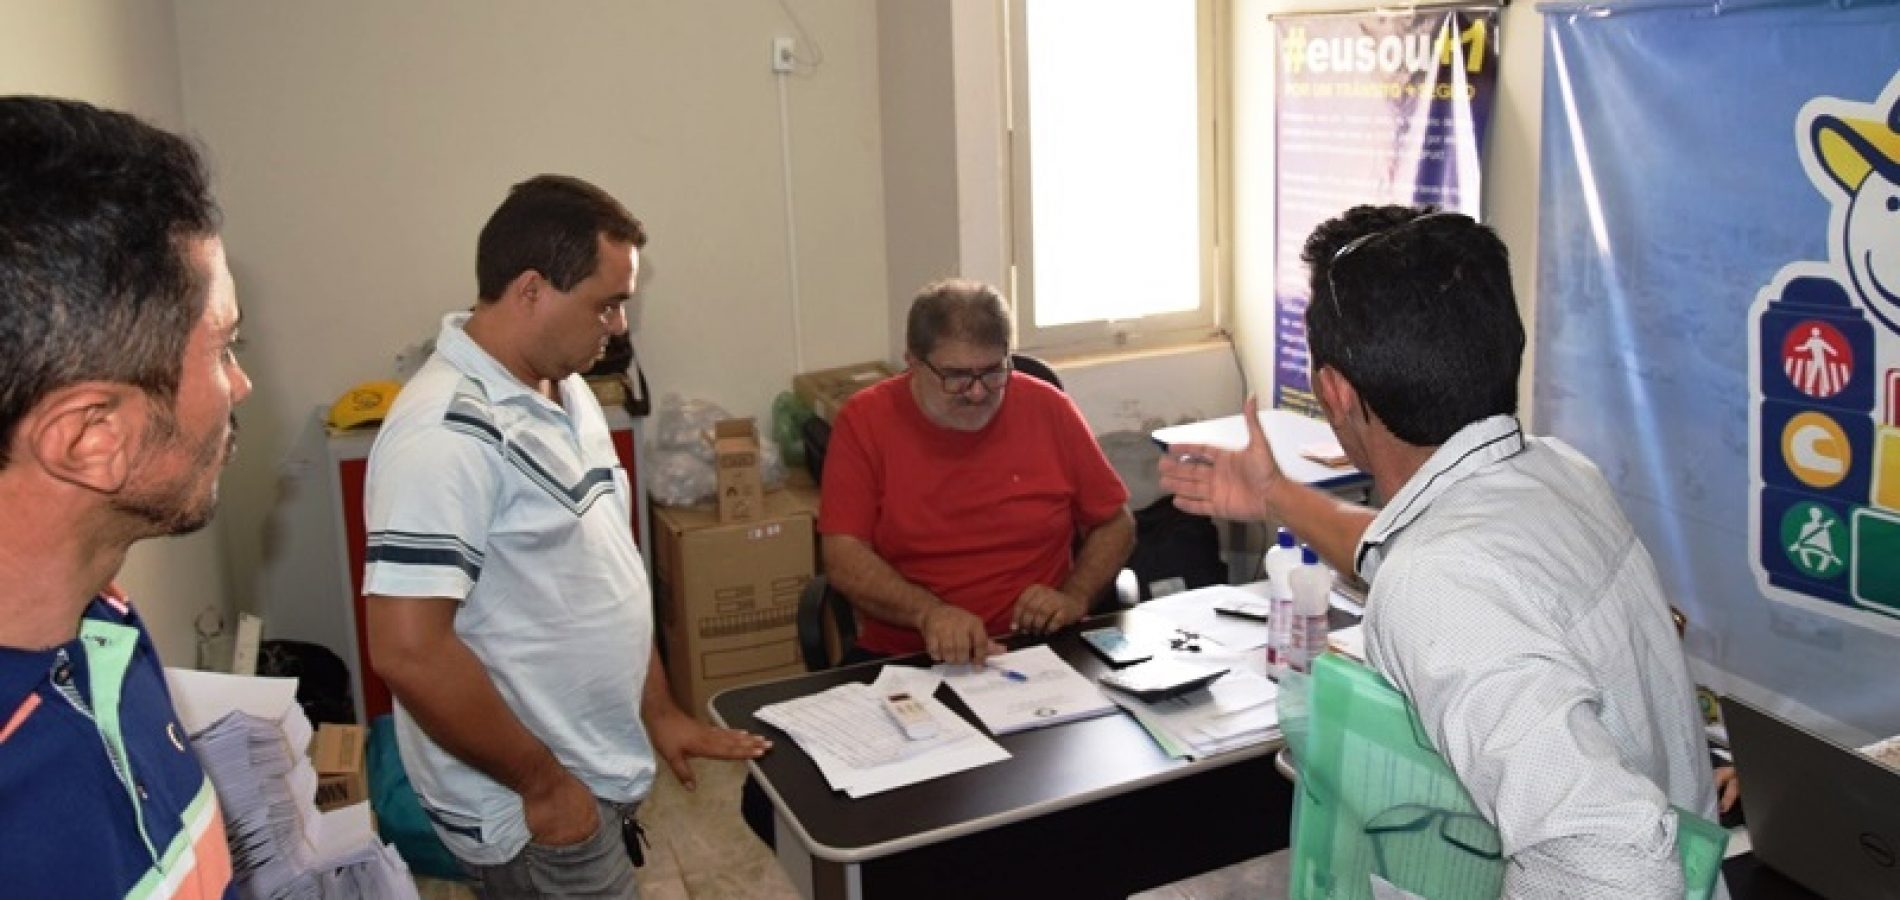 PICOS | Reunião sobre vans irregulares termina sem acordo concreto com STTRAM